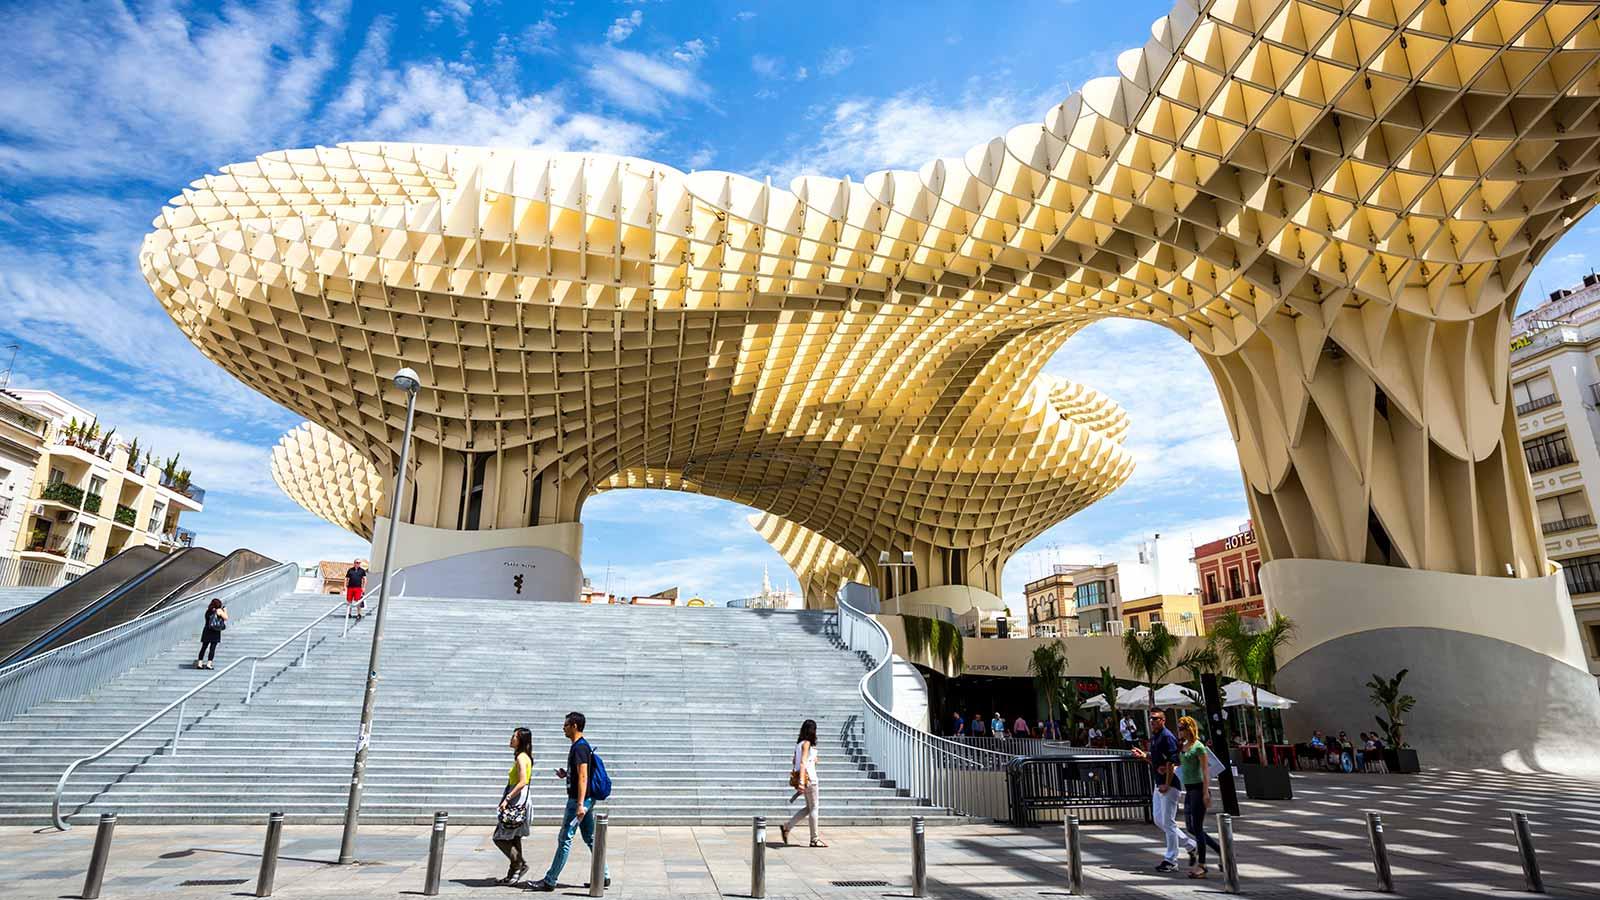 que hacer en Sevilla | Sevilla Guías & Tours | viajar a sevilla